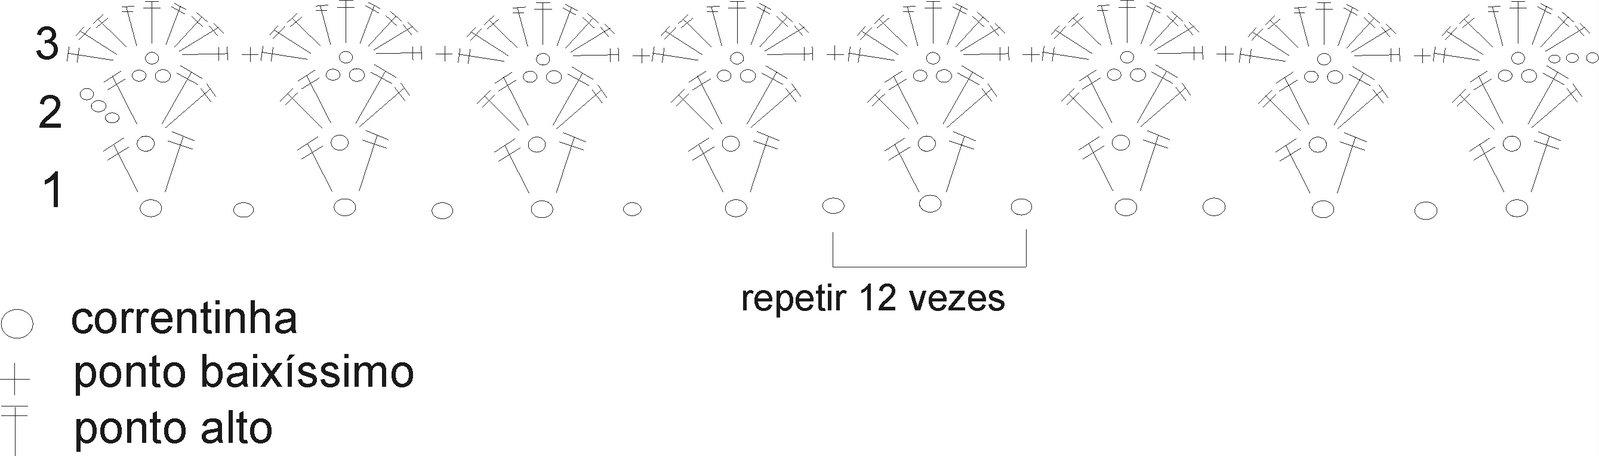 [grafico+2.jpg]